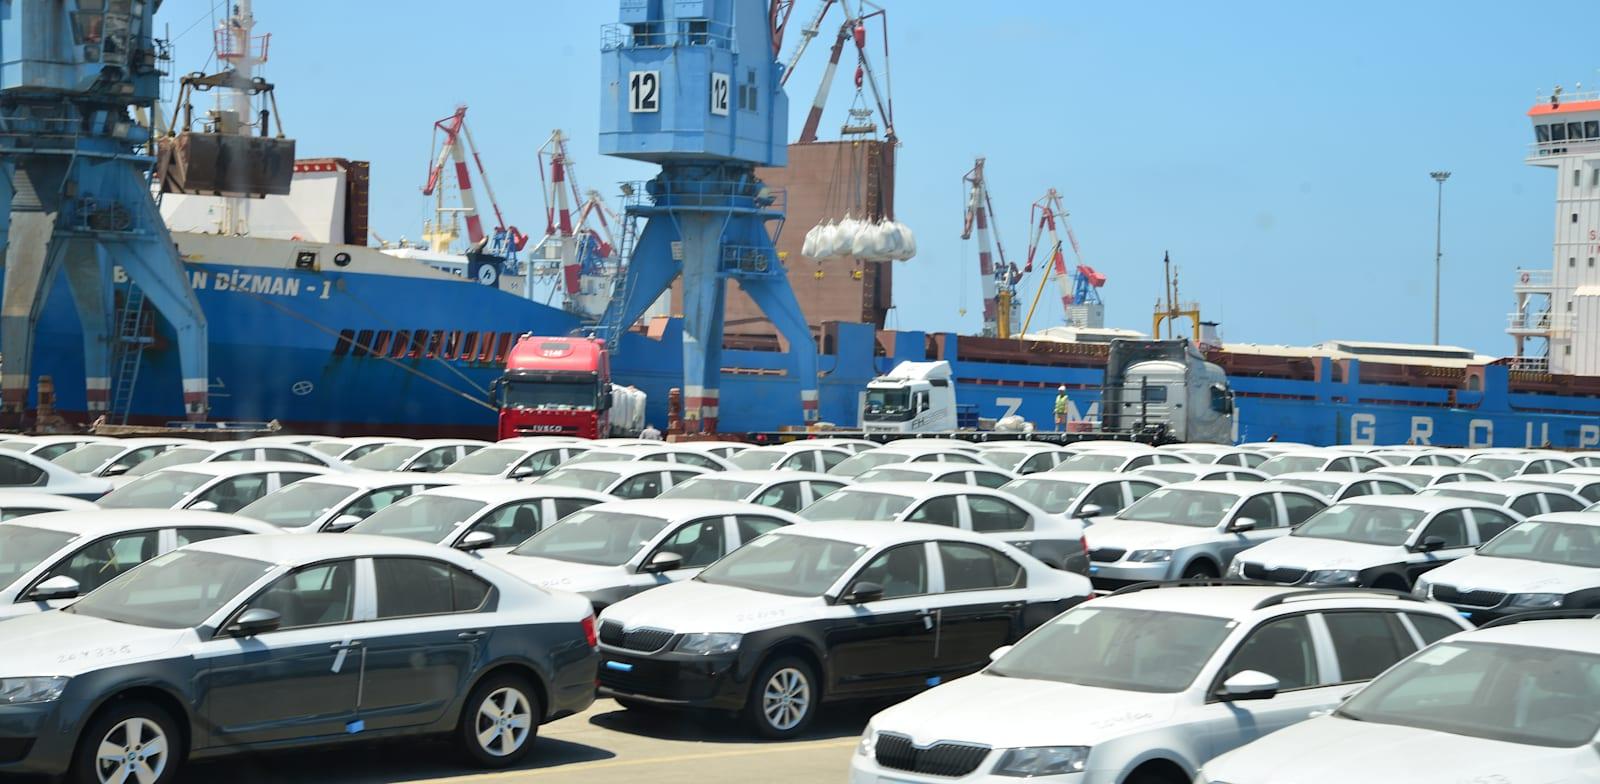 מכוניות חדשות בנמל אשדוד. נתוני צמיחה חזקים הודות לרכישות כלי רכב / צילום: תמר מצפי